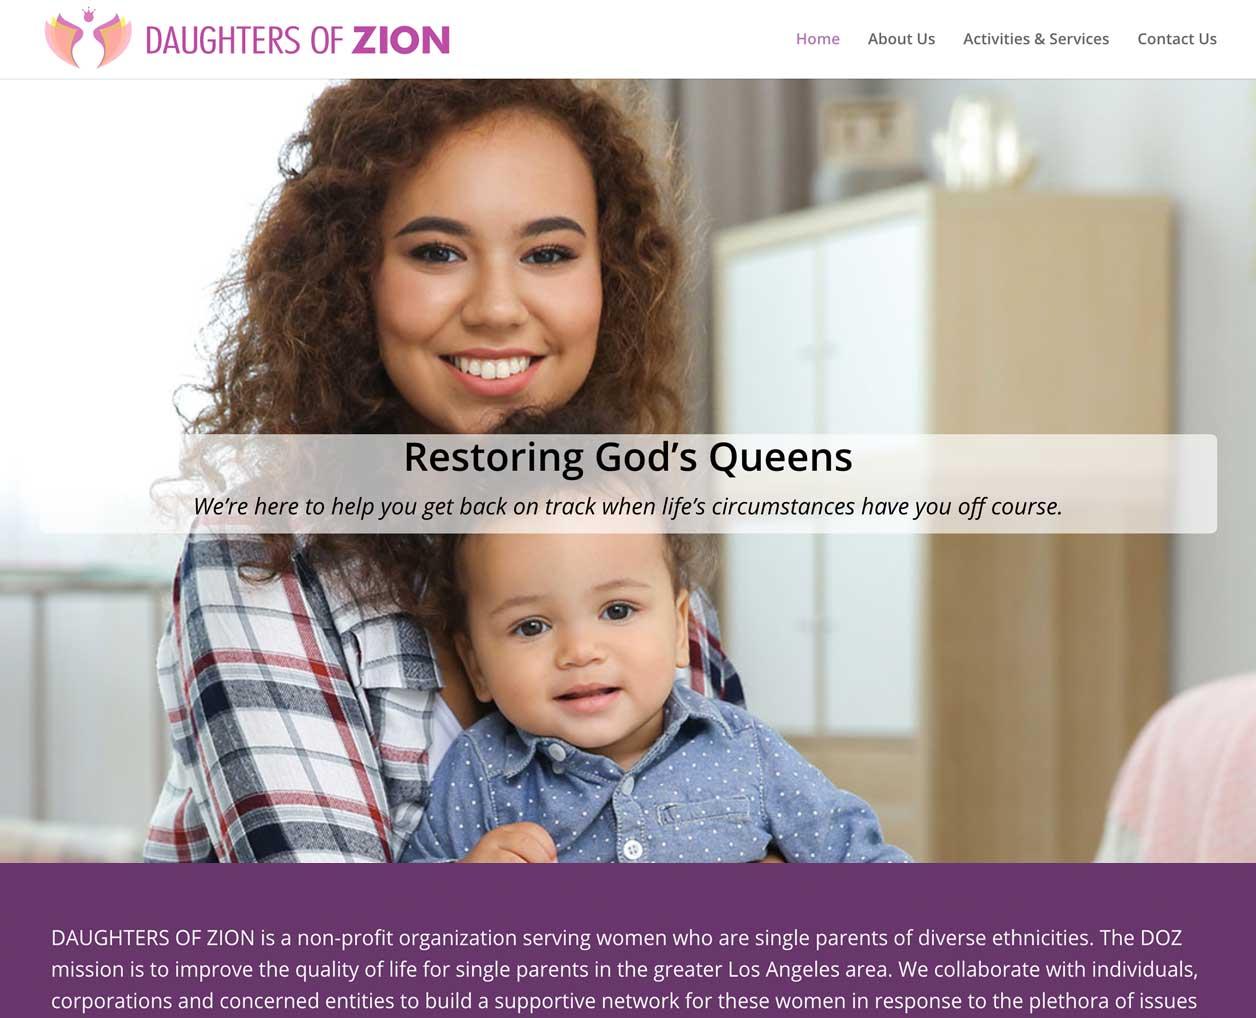 website design Daughters of Zion Queens